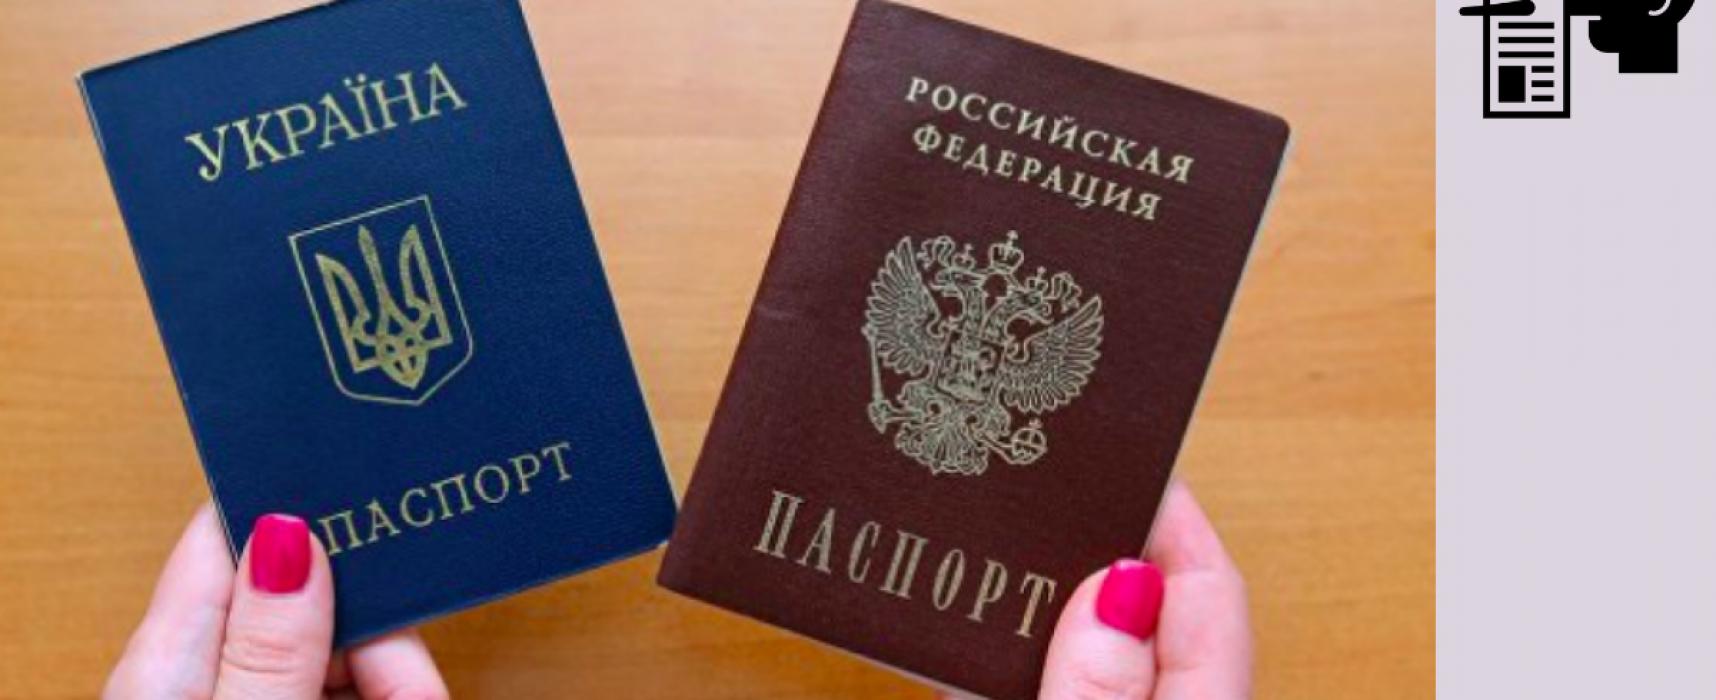 Especulación: El gobierno ucraniano va a tomar las propiedades de los residentes del Donbás